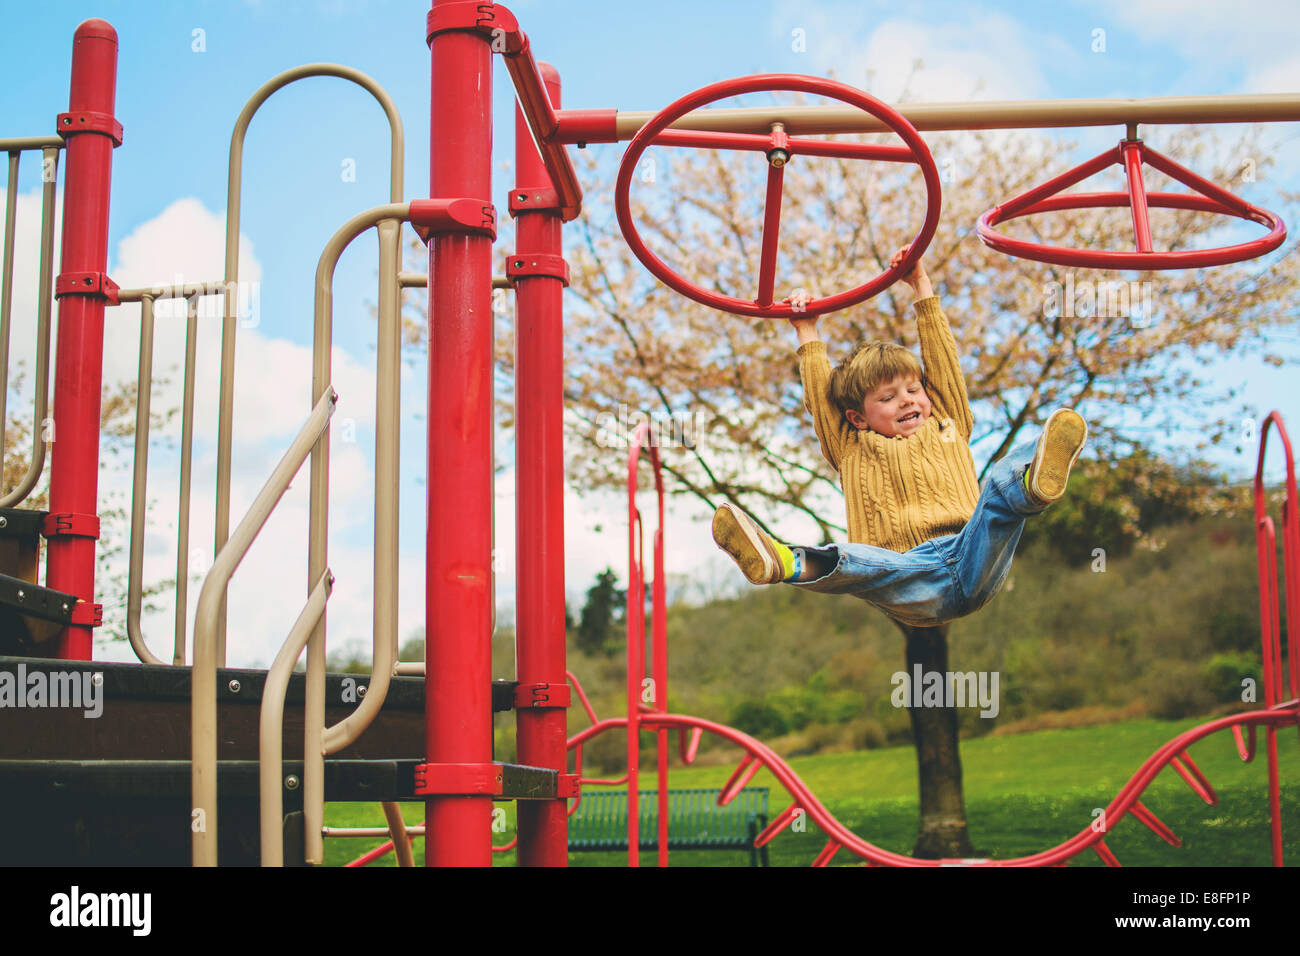 Fröhlicher Junge, der an einem Klettergerüst in einem Garten hängt Stockfoto